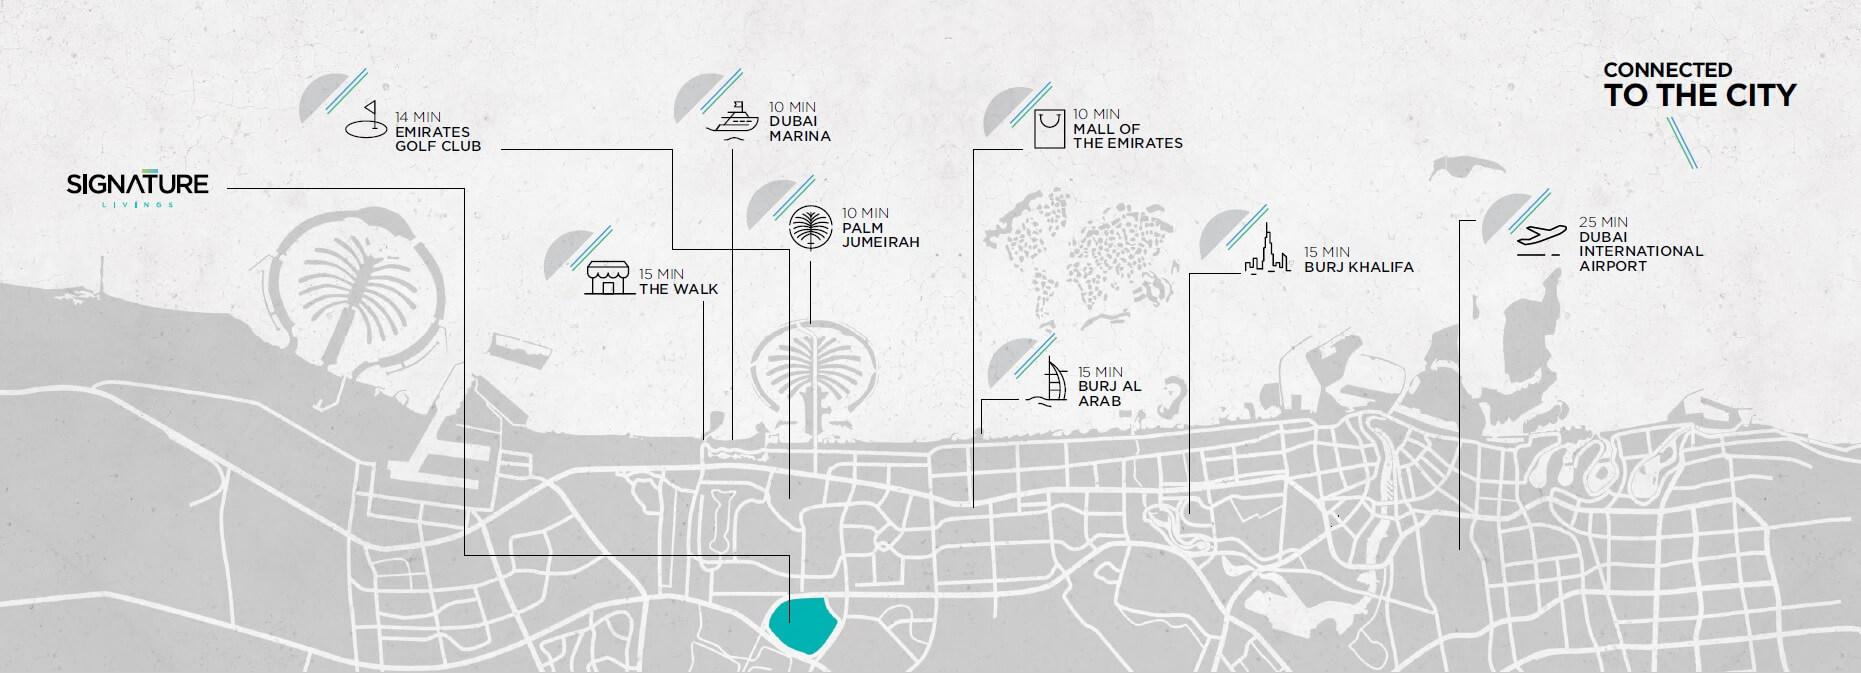 خريطة سيجنتشر ليفينجس - سيجنتشر ليفينجس من مجموعة جرين جروب